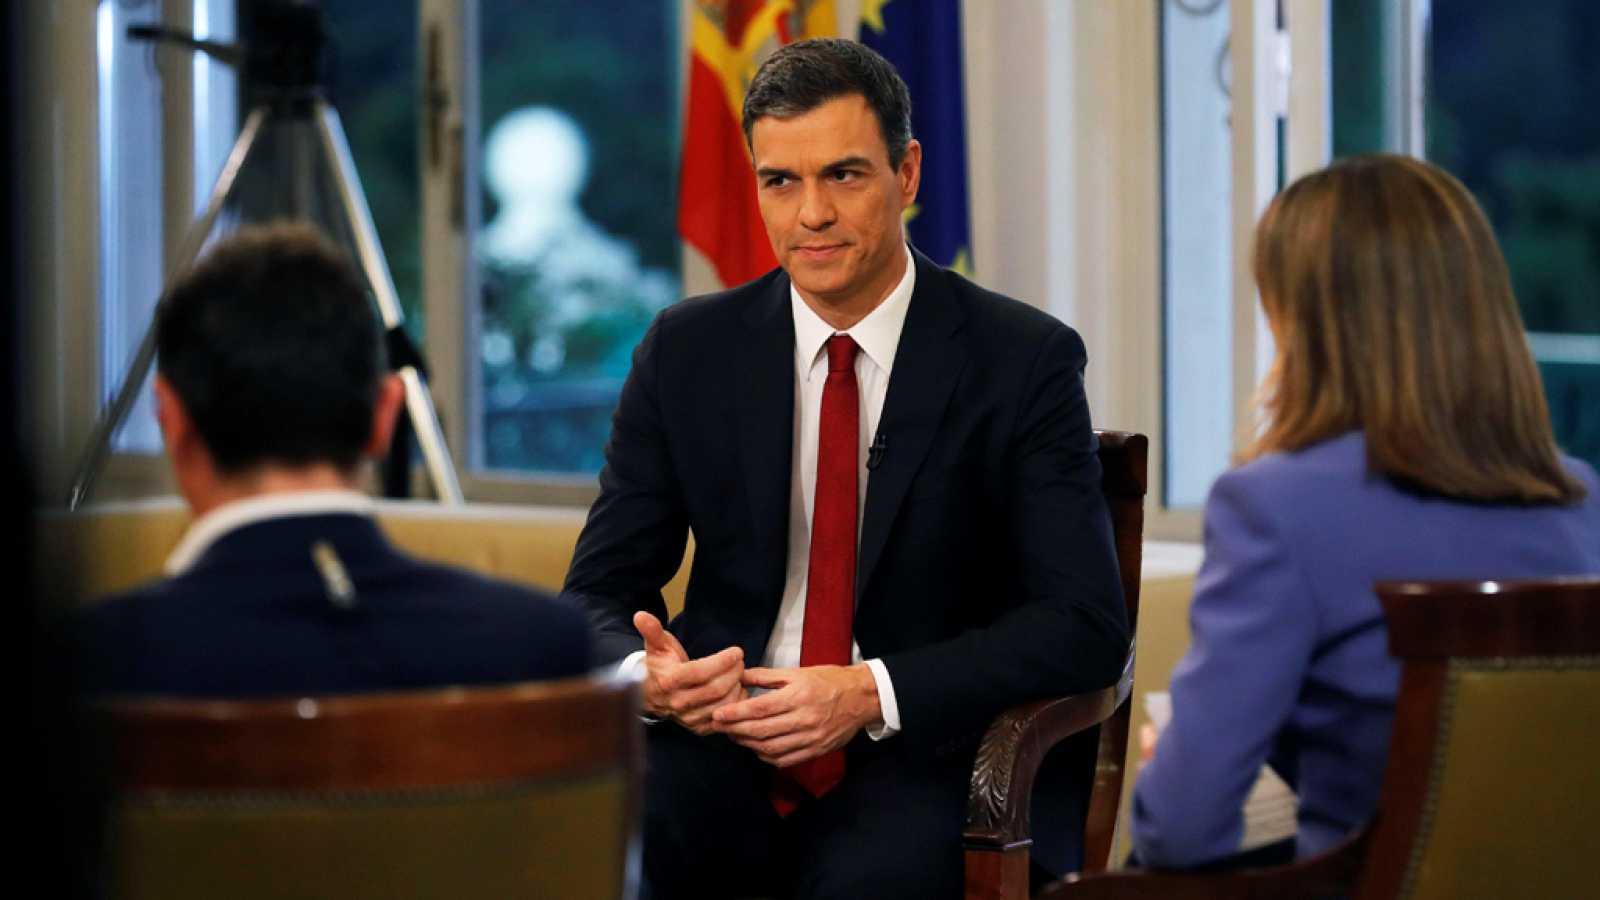 Especial informativo - Entrevista al presidente del gobierno, Pedro Sánchez - ver ahora